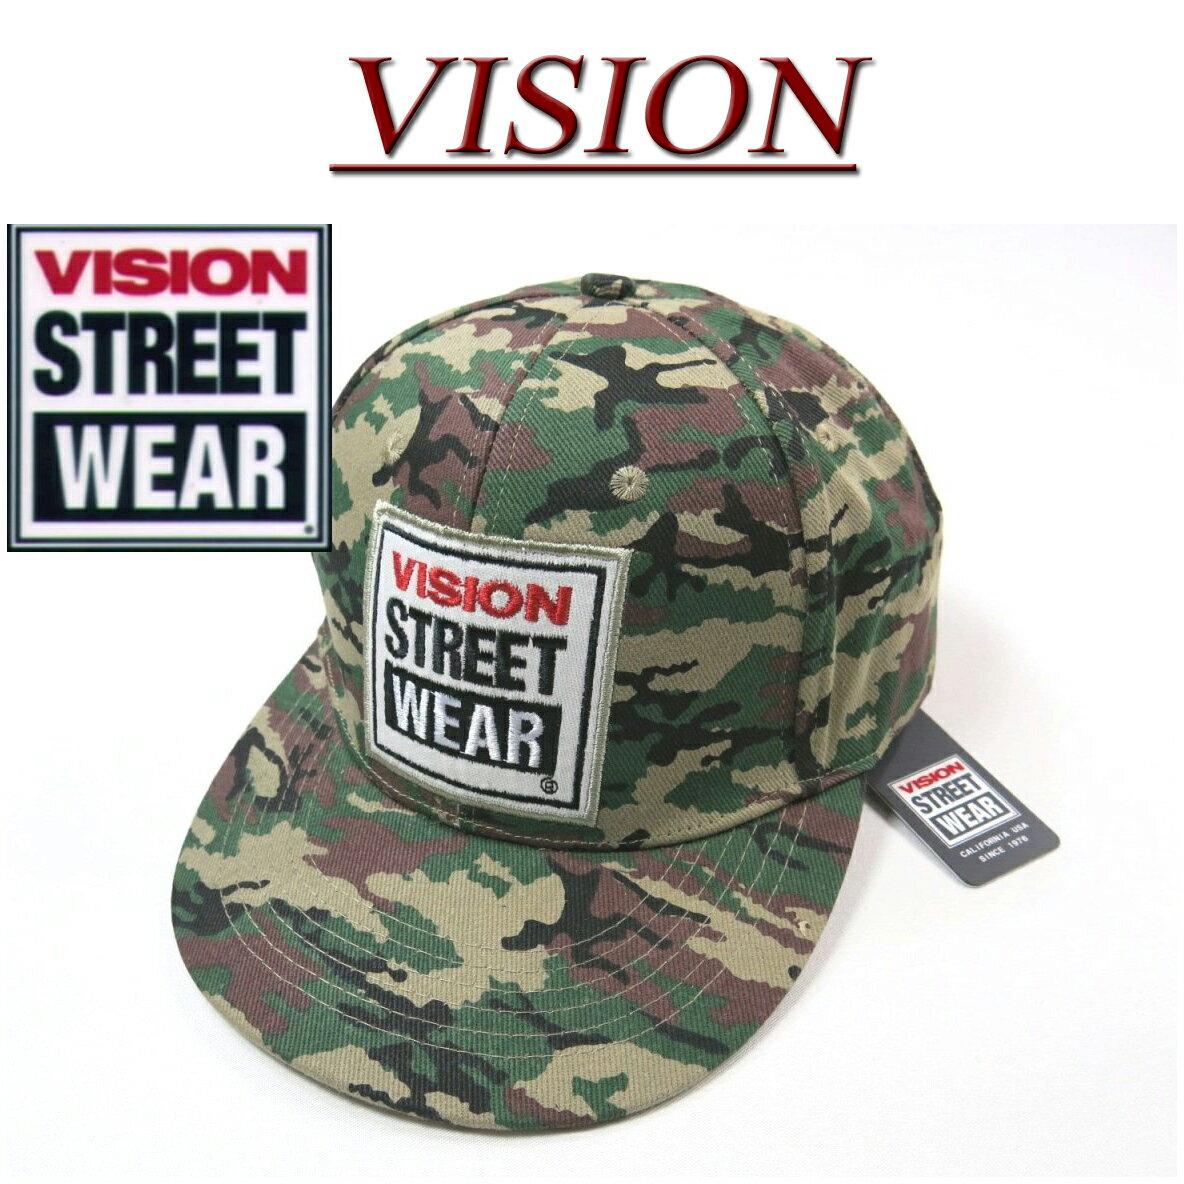 nx691 新品 VISION STREET WEAR カモフラージュ 迷彩柄 ツイル地 スナップバックキャップ 4410002 メンズ ヴィジョン ストリートウェア ビジョン ロゴ ワッペン付 帽子 アメカジ